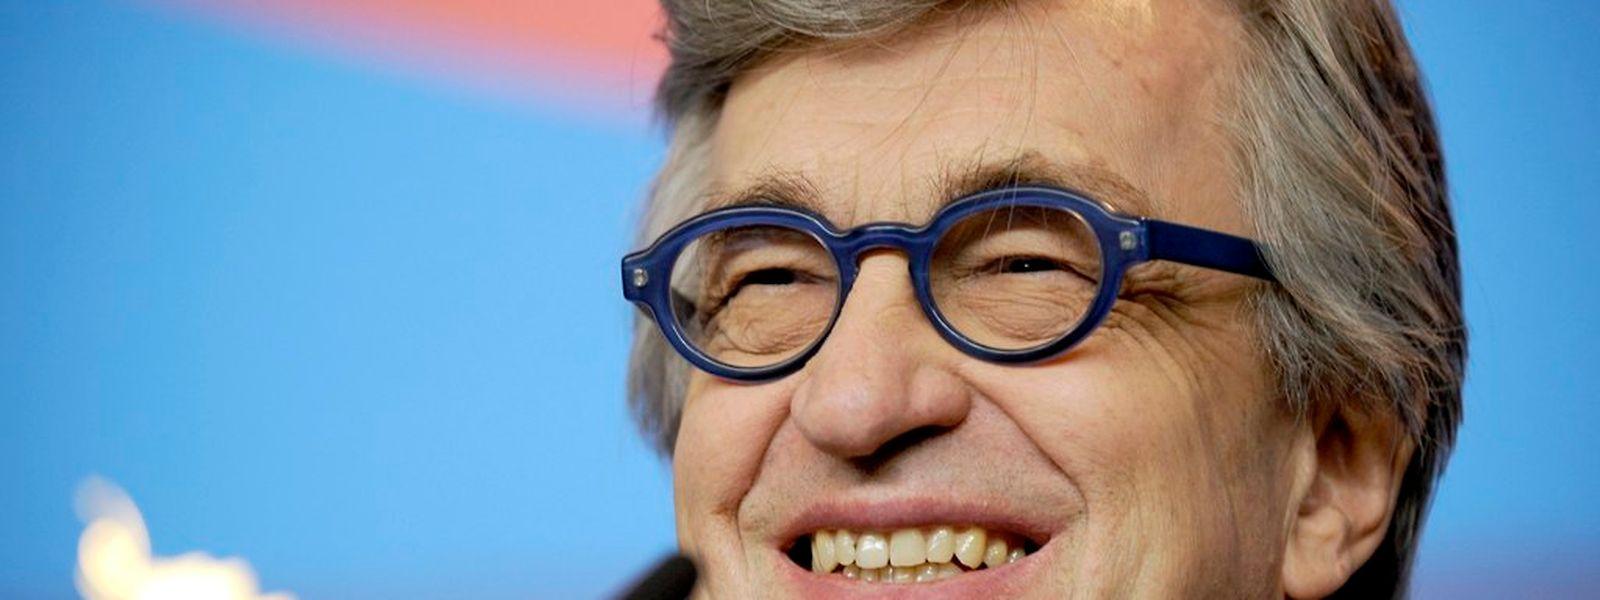 Wim Wenders stellte auf der Berlinale seinen neuen Film 'Every Thing Will Be Fine' vor